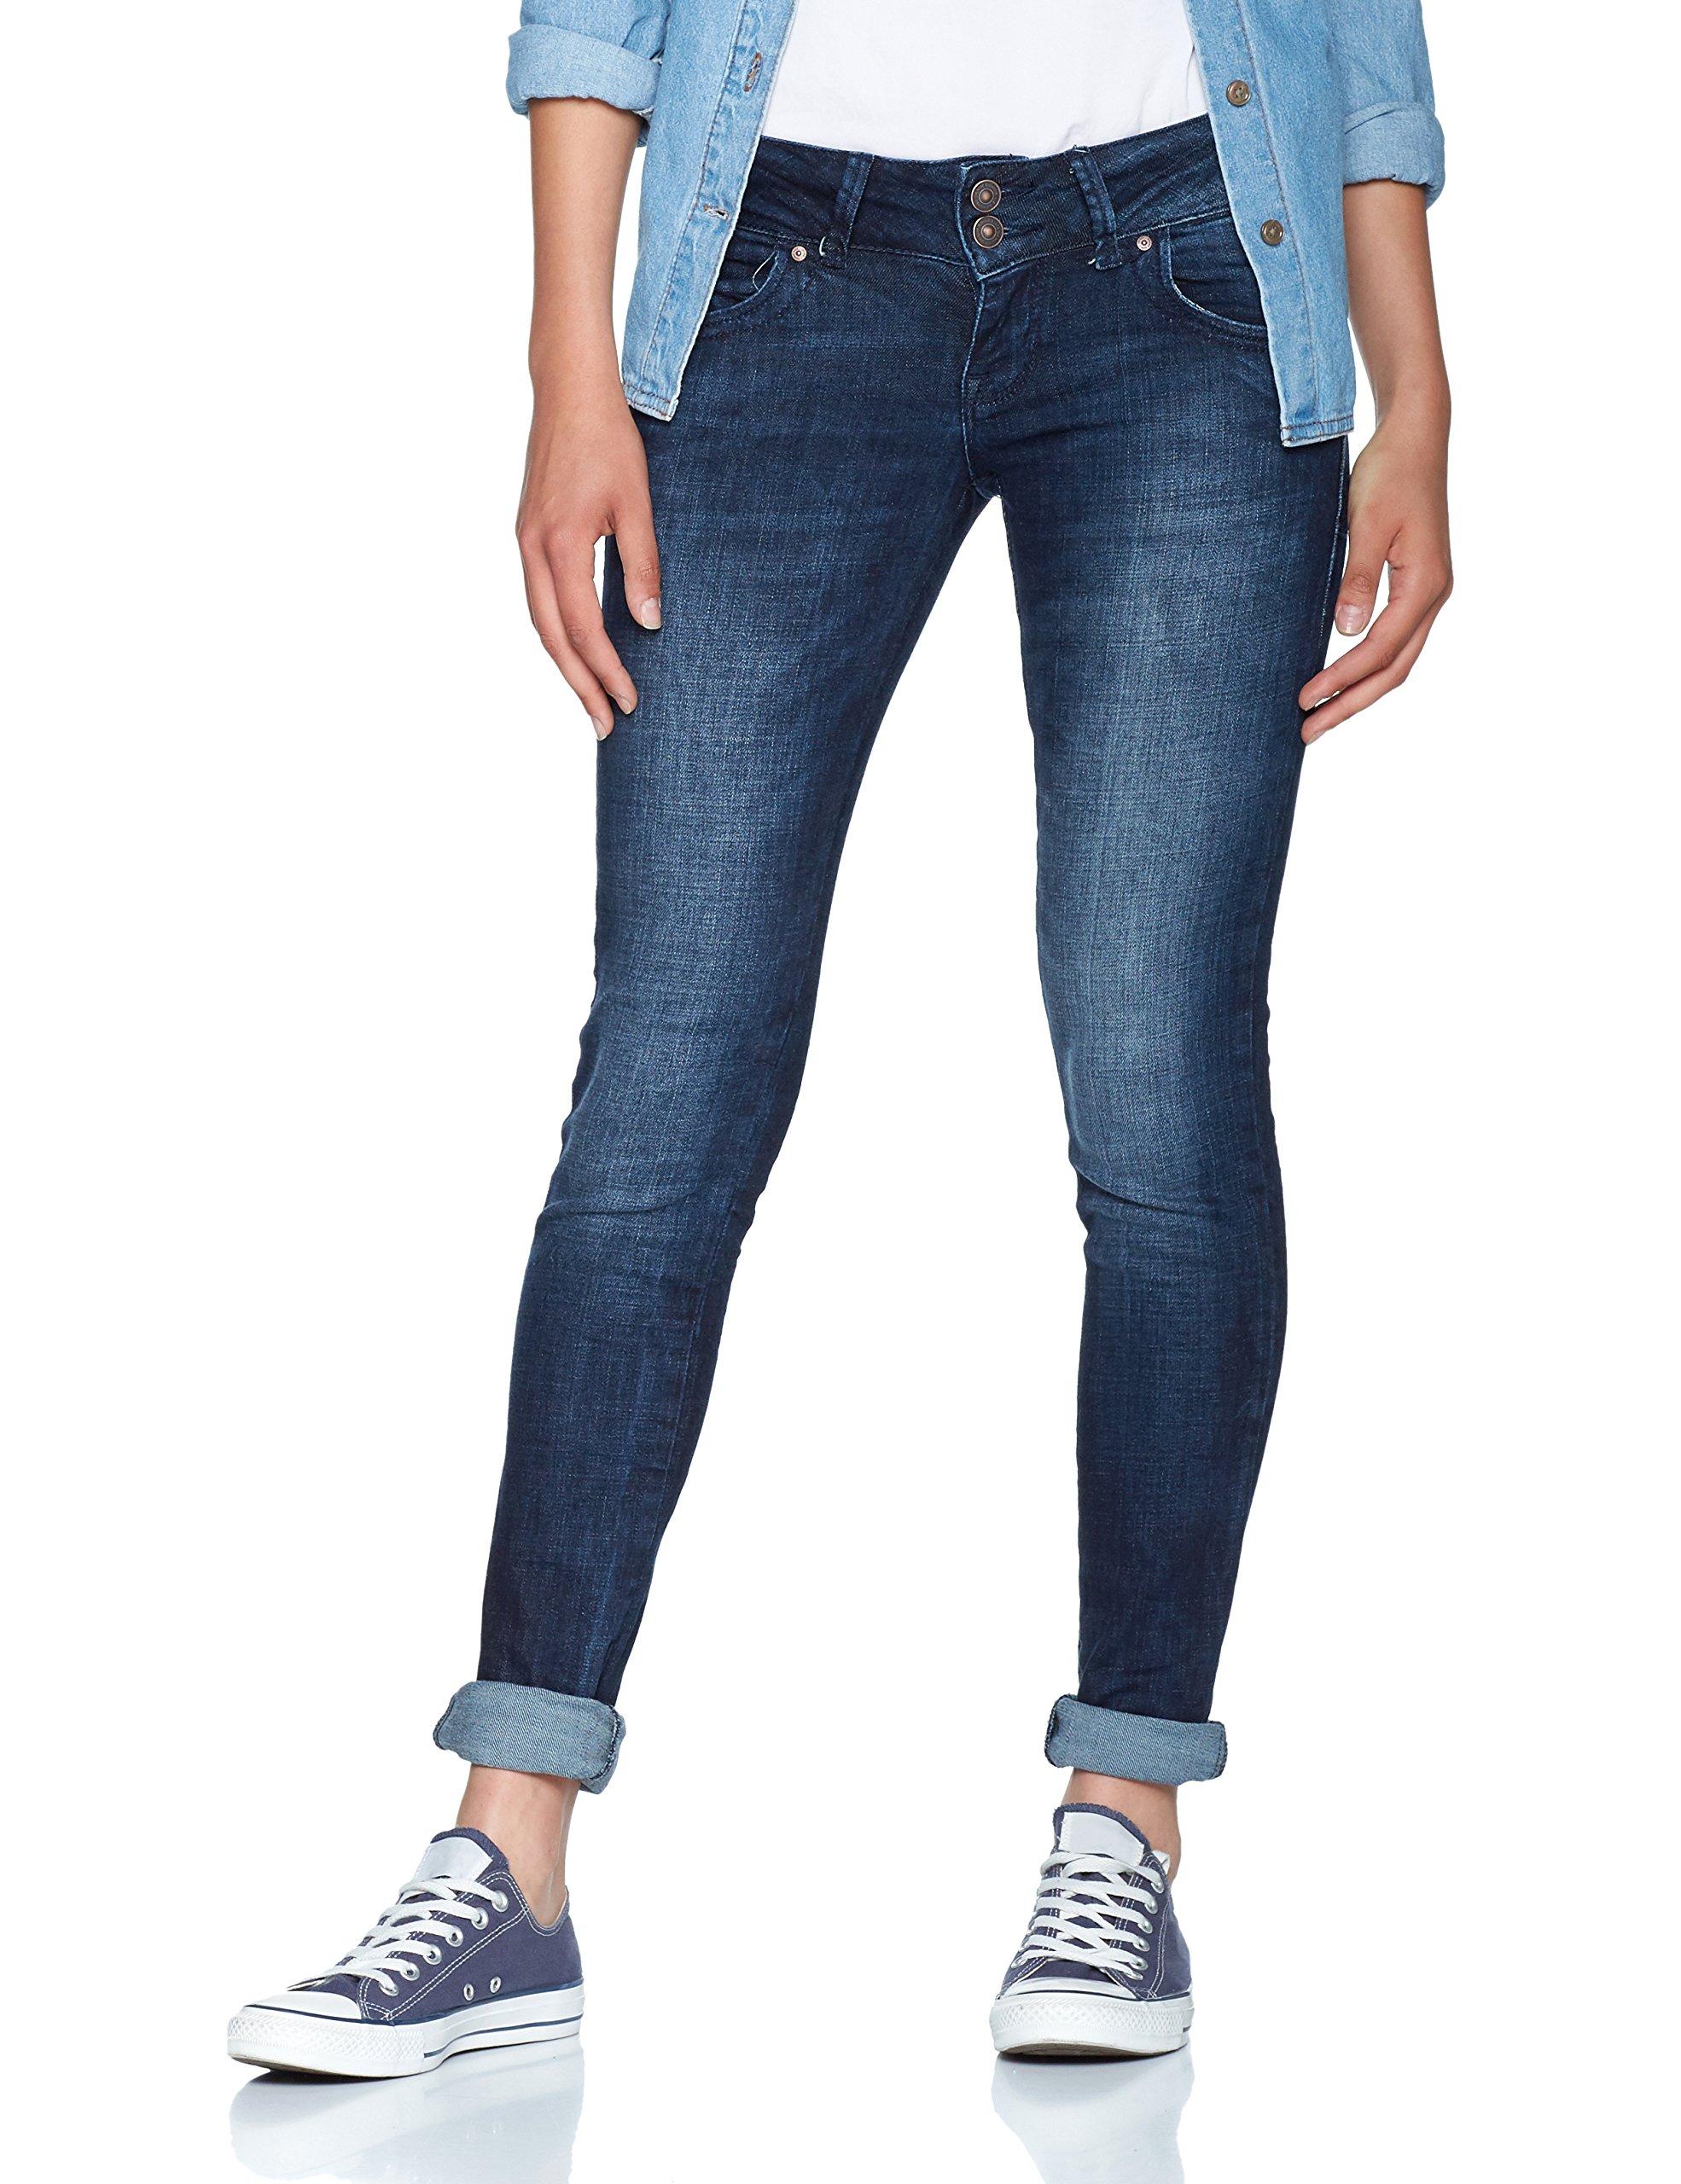 MollyJean Slim Wash l34taille 50331W27 FemmeBlaubliss FabricantW27 Ltb l34 Coupe Jeans Ajustée CoWBrxed